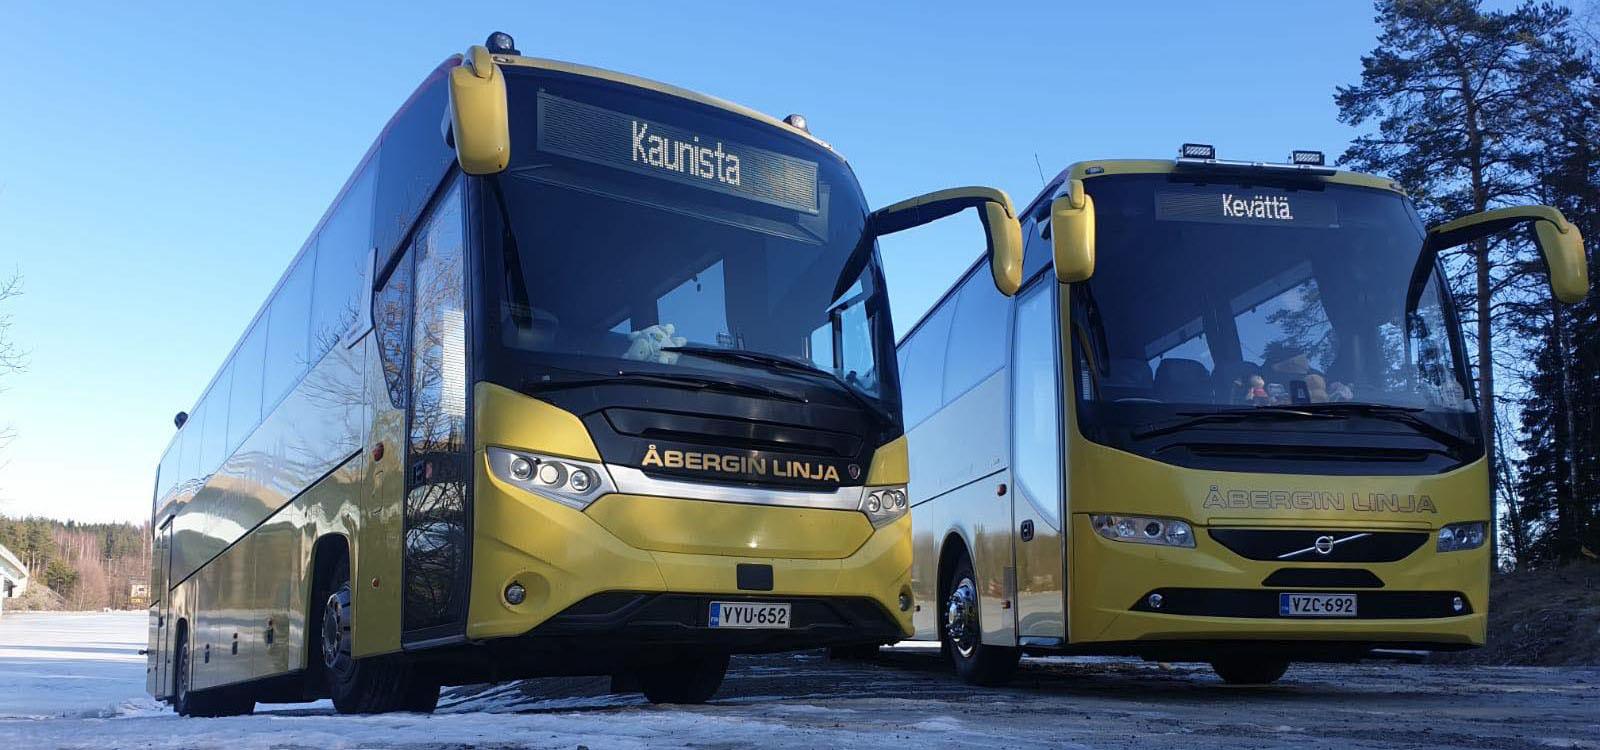 Åbergin Linjan kaksi keltaista tilausajobussia.